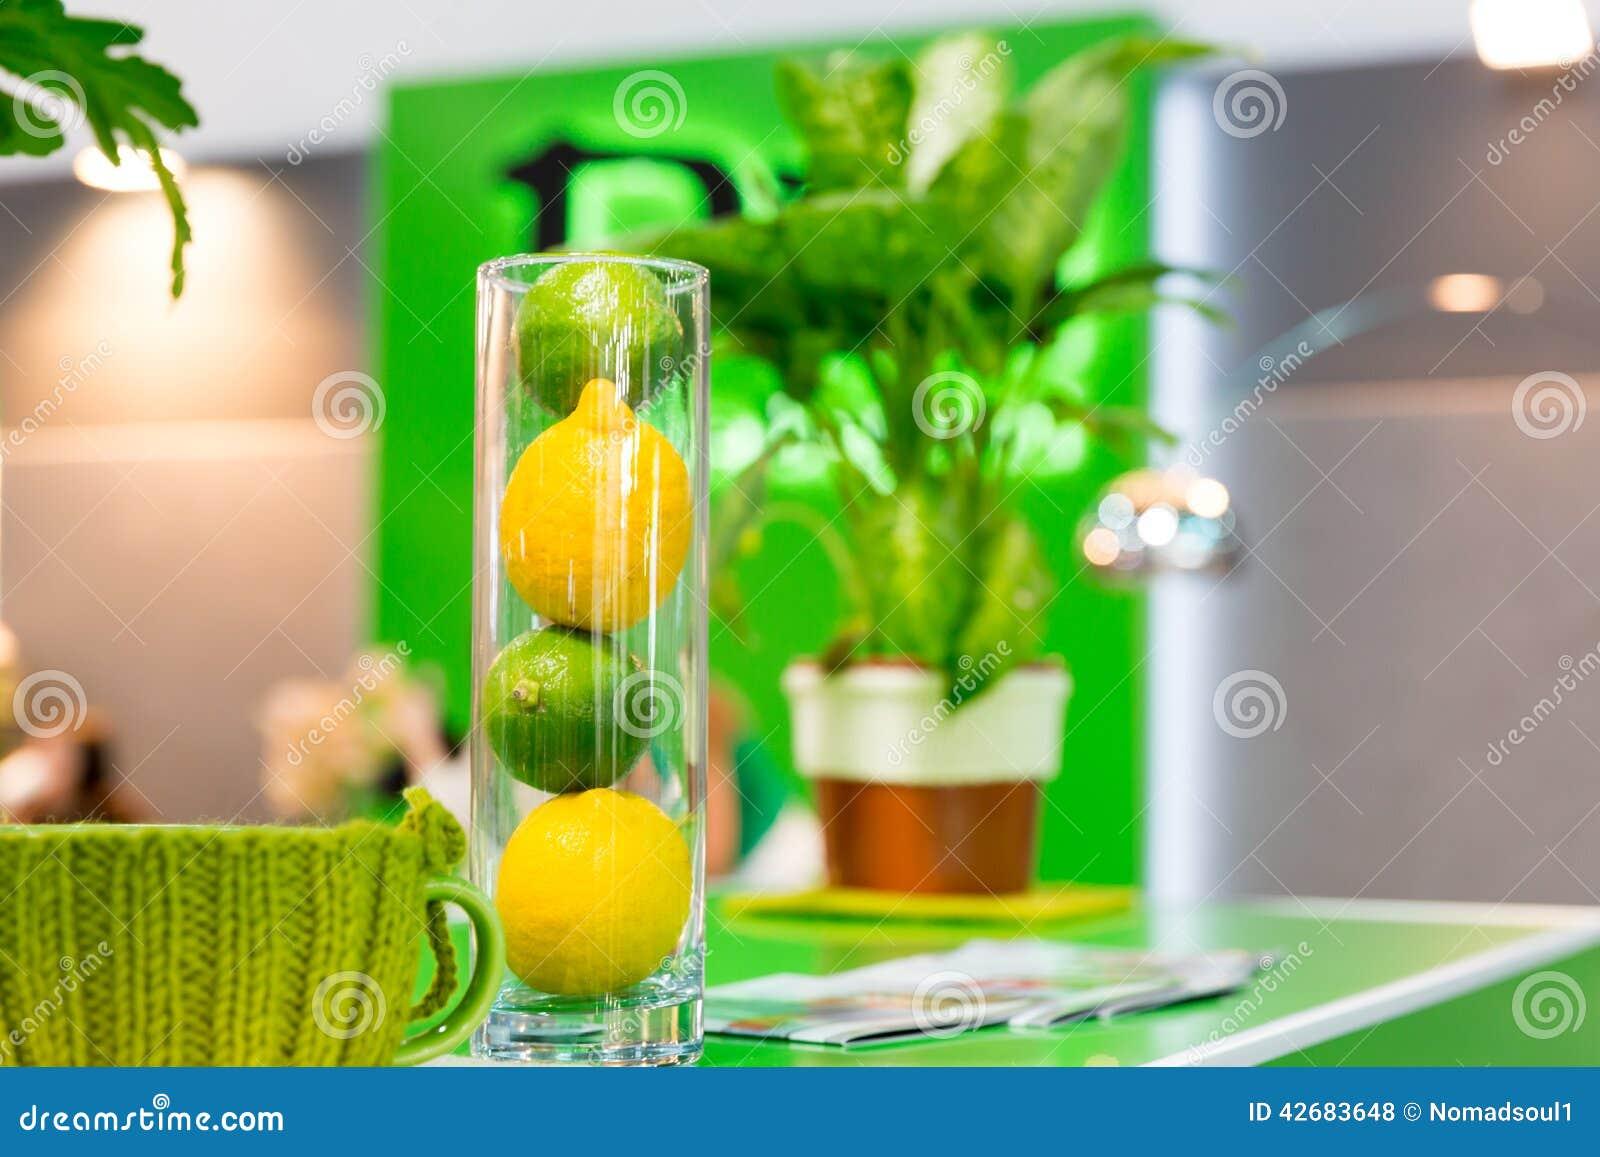 Limones y otras decoraciones caseras en bol de vidrio foto - Bol de vidrio ...